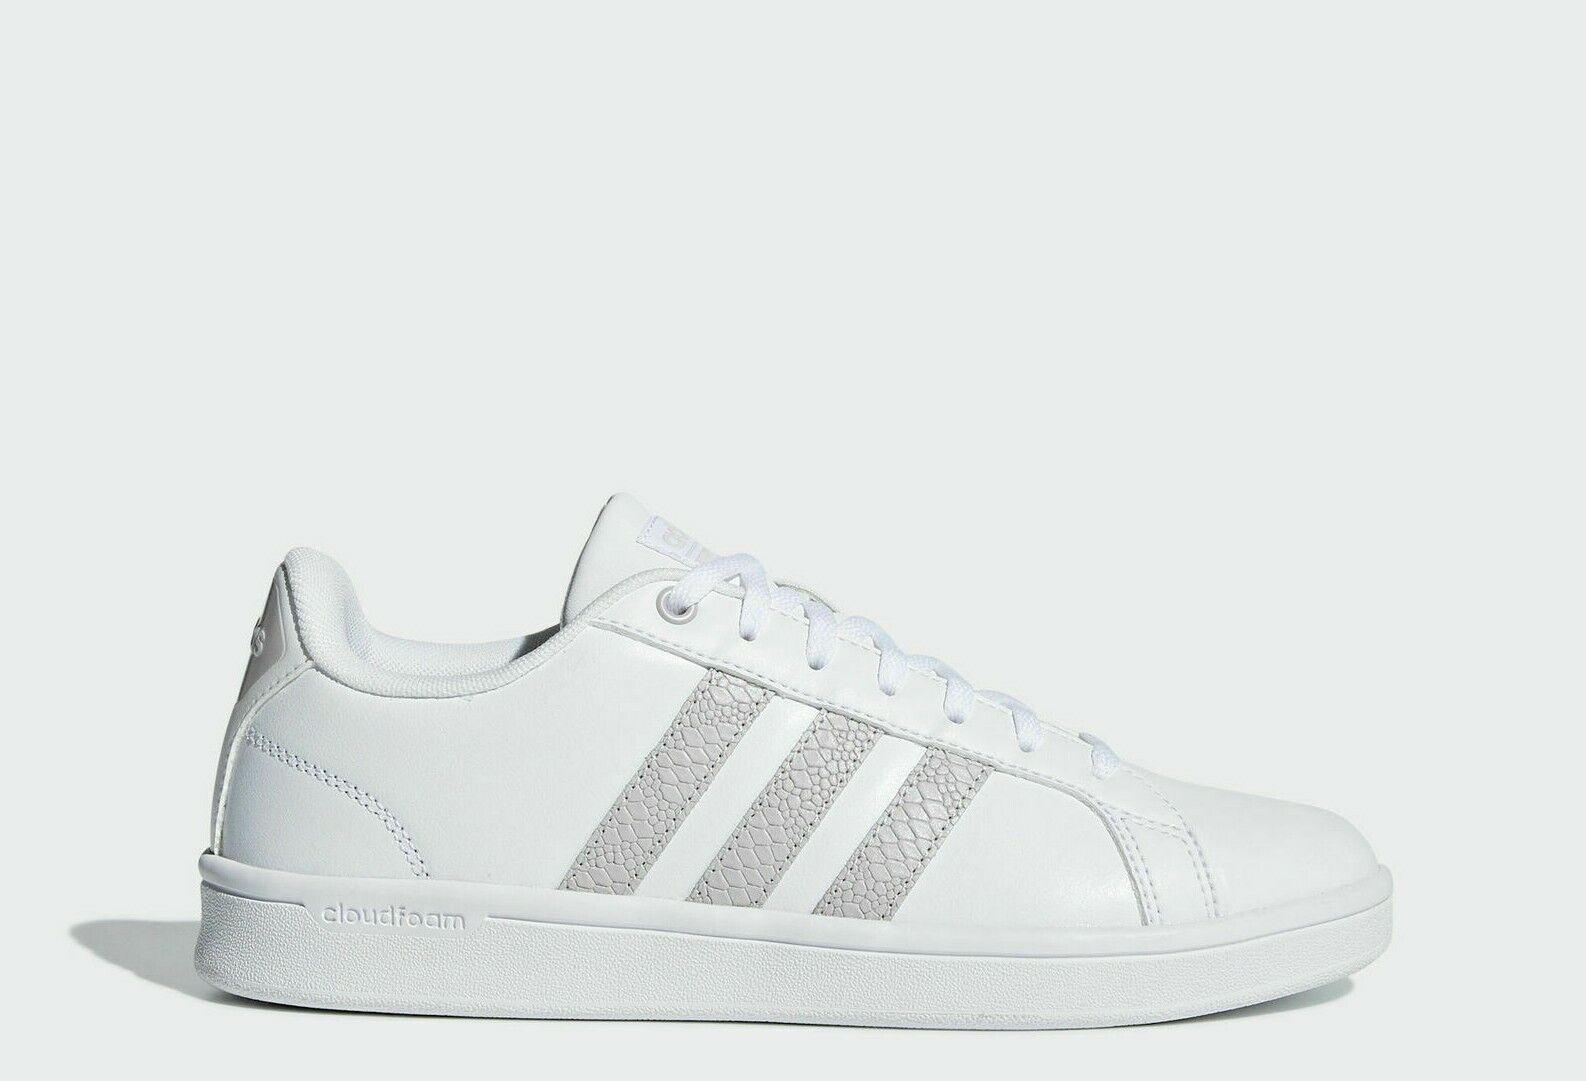 Adidas Cloudfoam Advantage Tennis Shoes